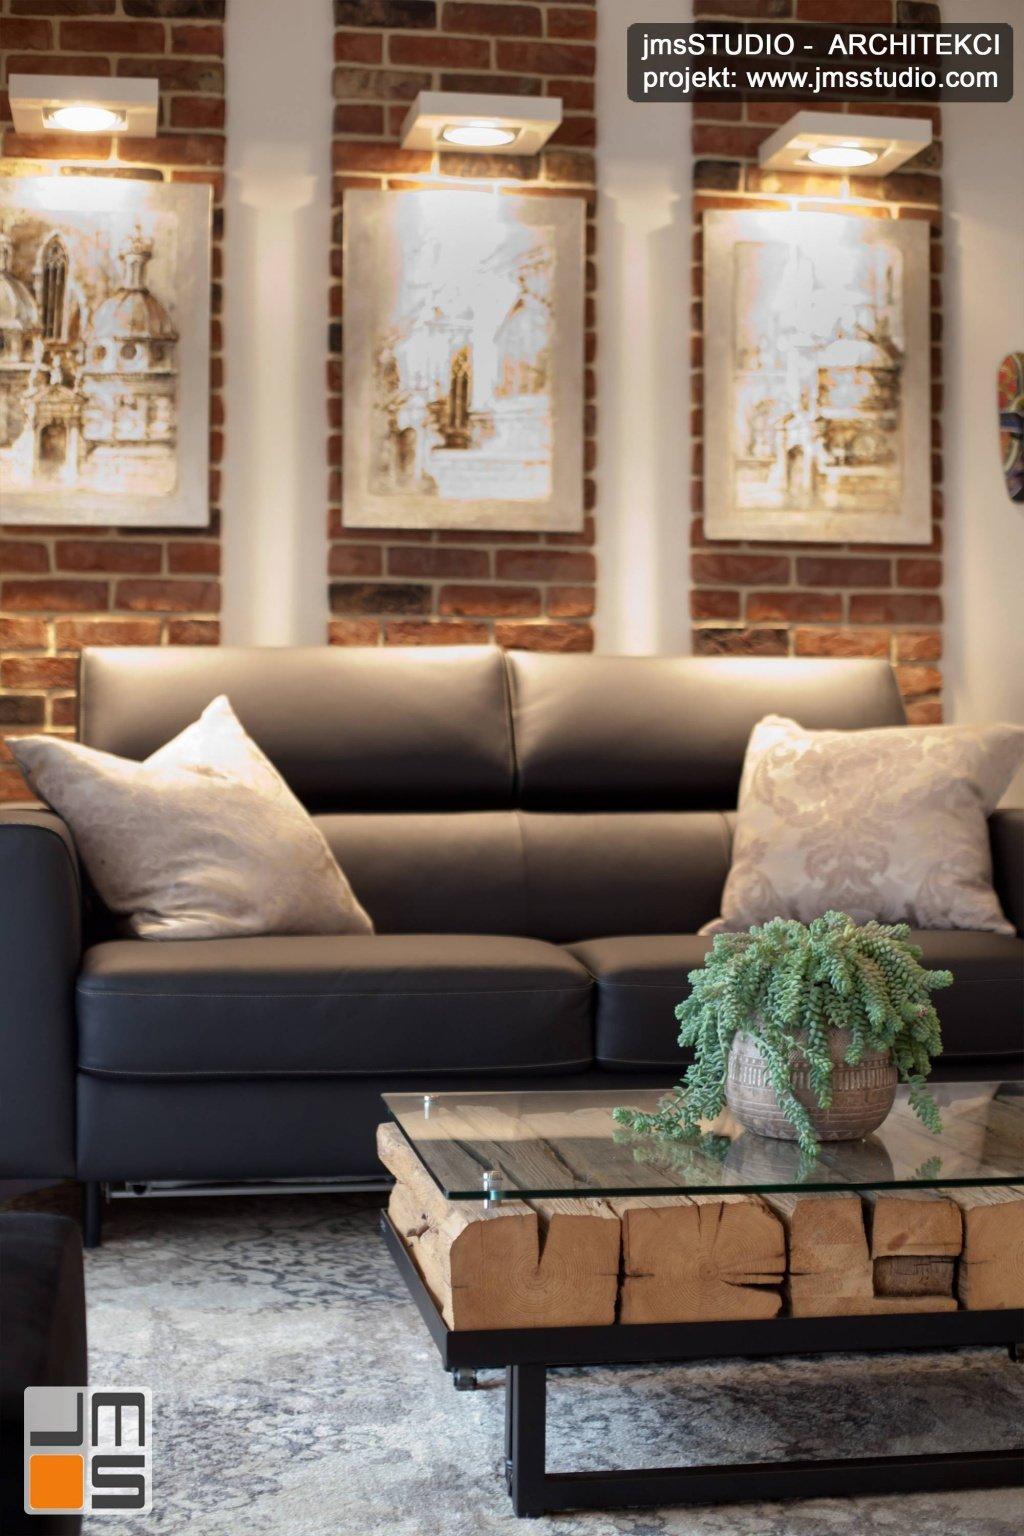 Szara rozkładana sofa i cegła na ścianie salonu to projekt wnętrz małego mieszkania na  Browar Lubicz w Krakowie